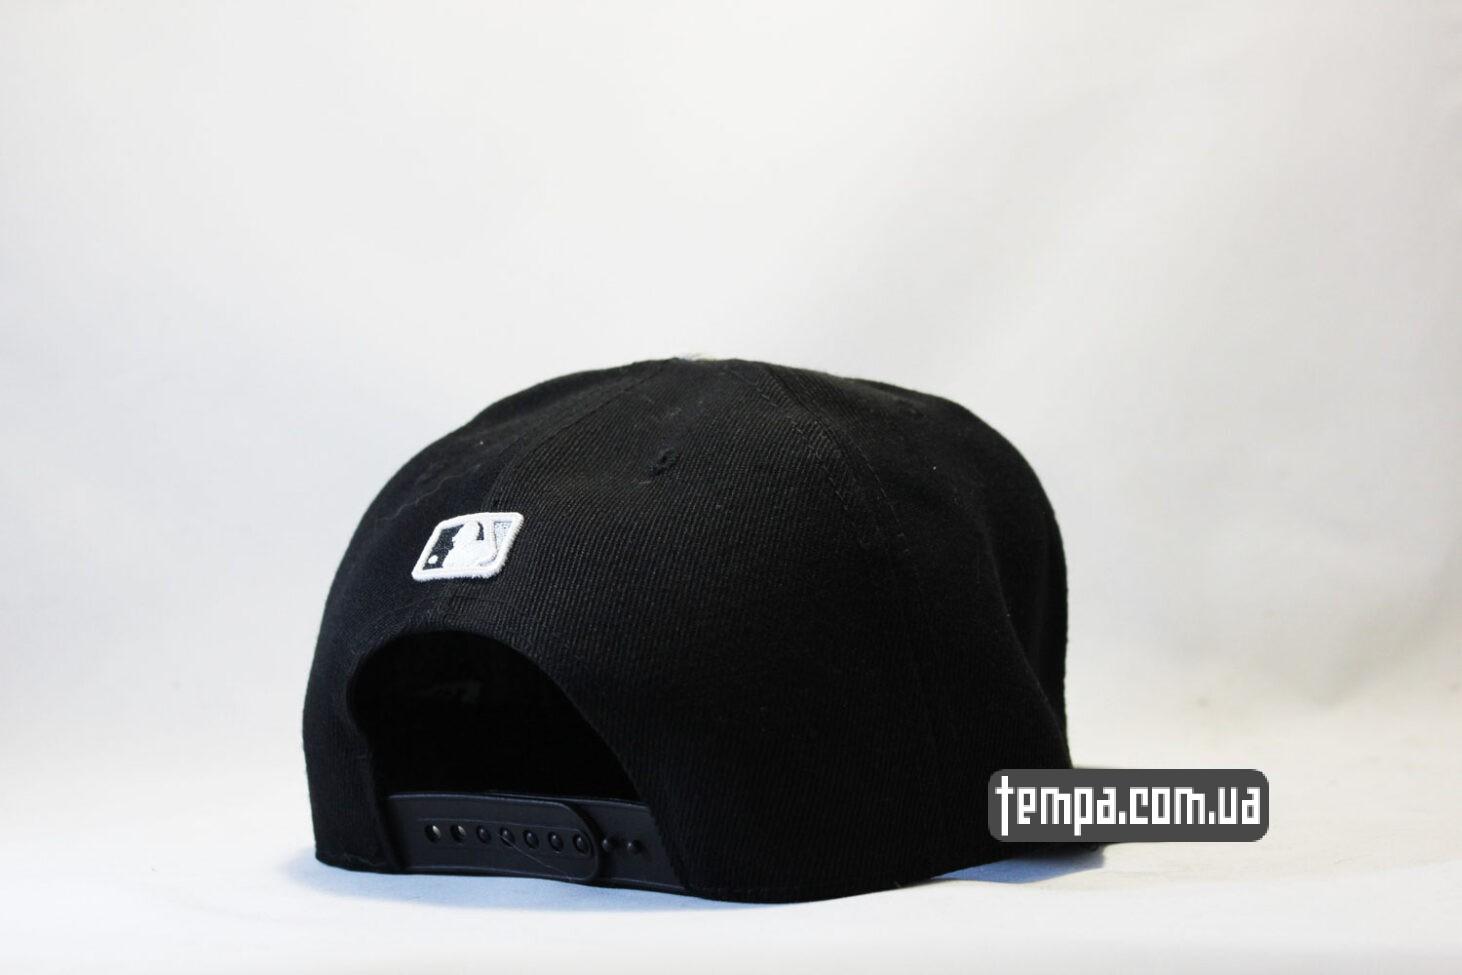 кепка snapback SOX new era 9fifty black черная купить заказать оригинал